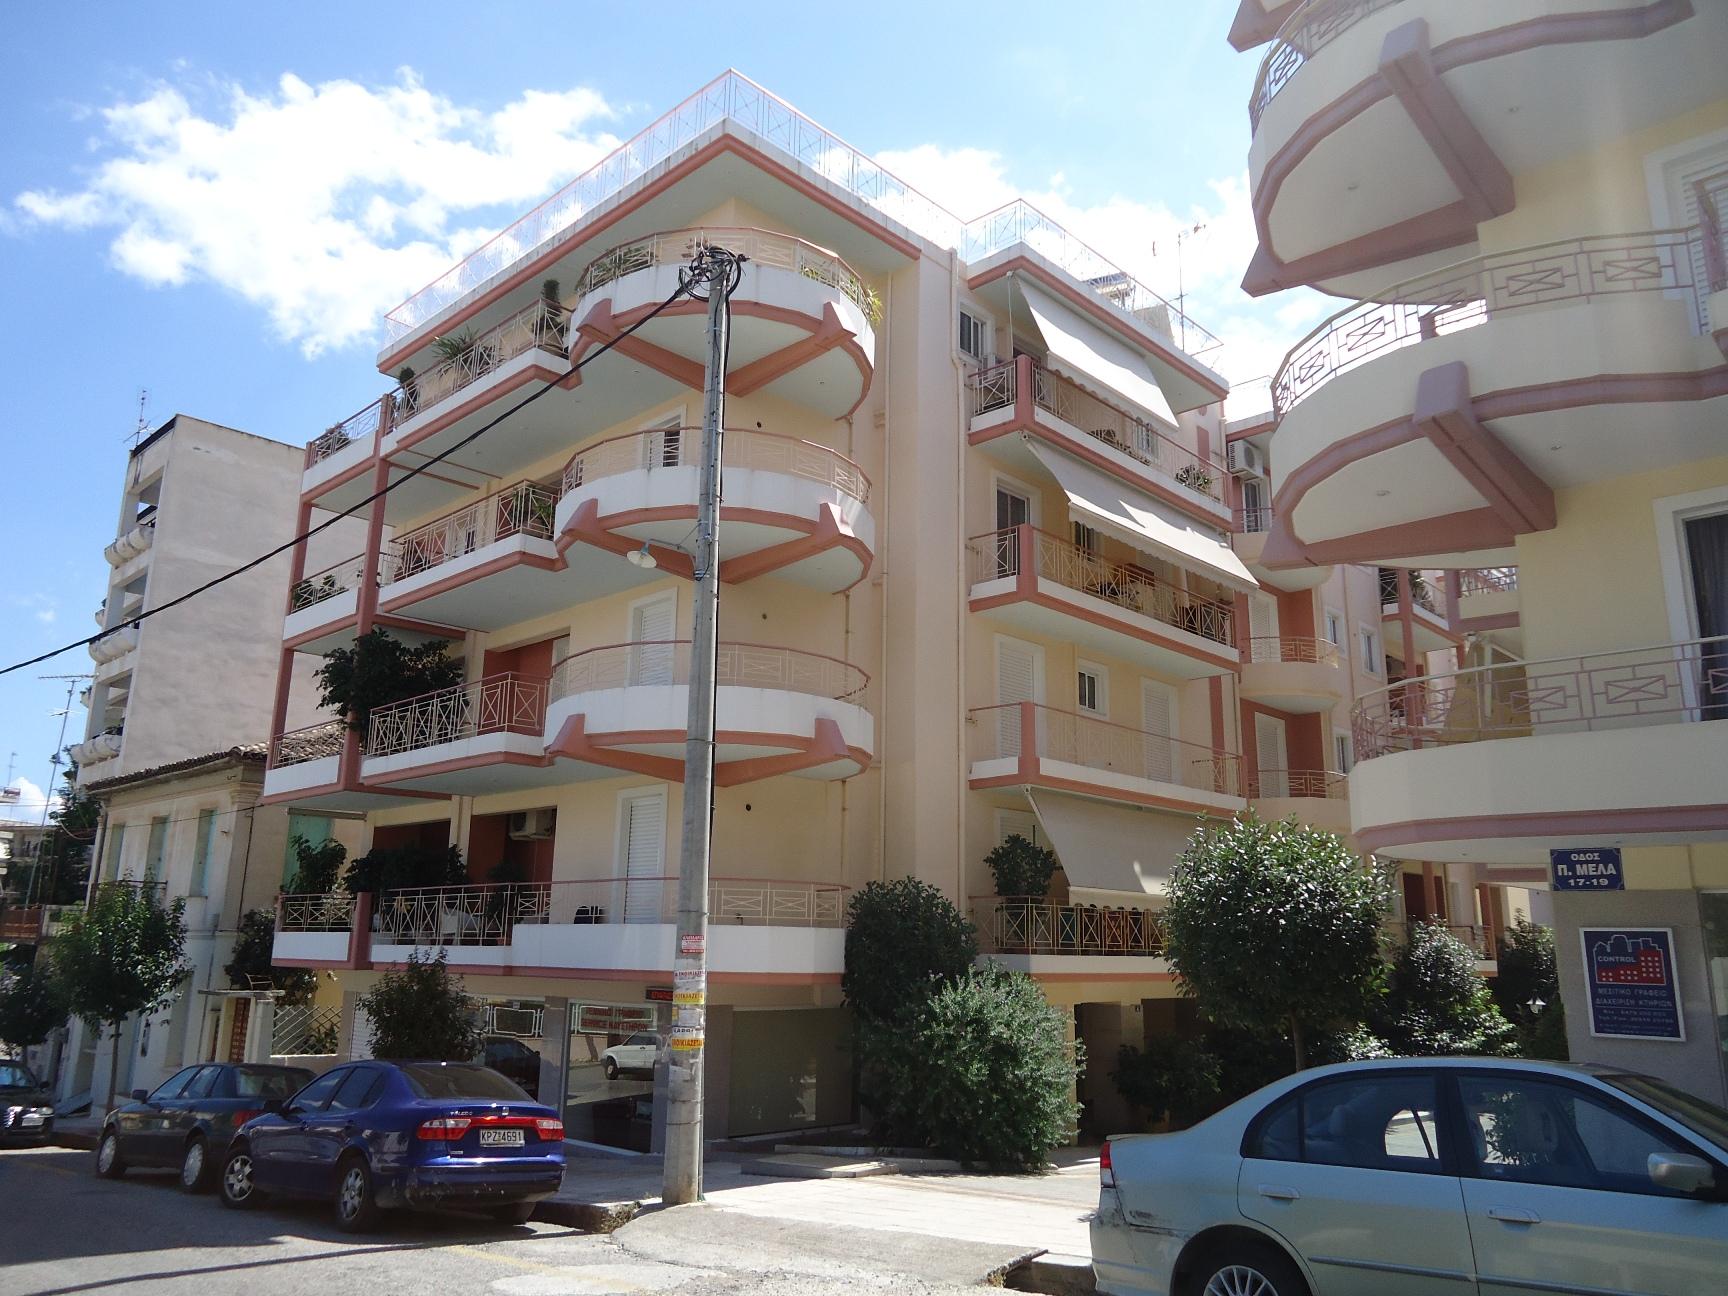 Παύλου Μελά 17-19 Κτίριο Α: Δυάρια 1ου, 2ου & 3ου  ορόφου, Α2, Β2 & Γ2